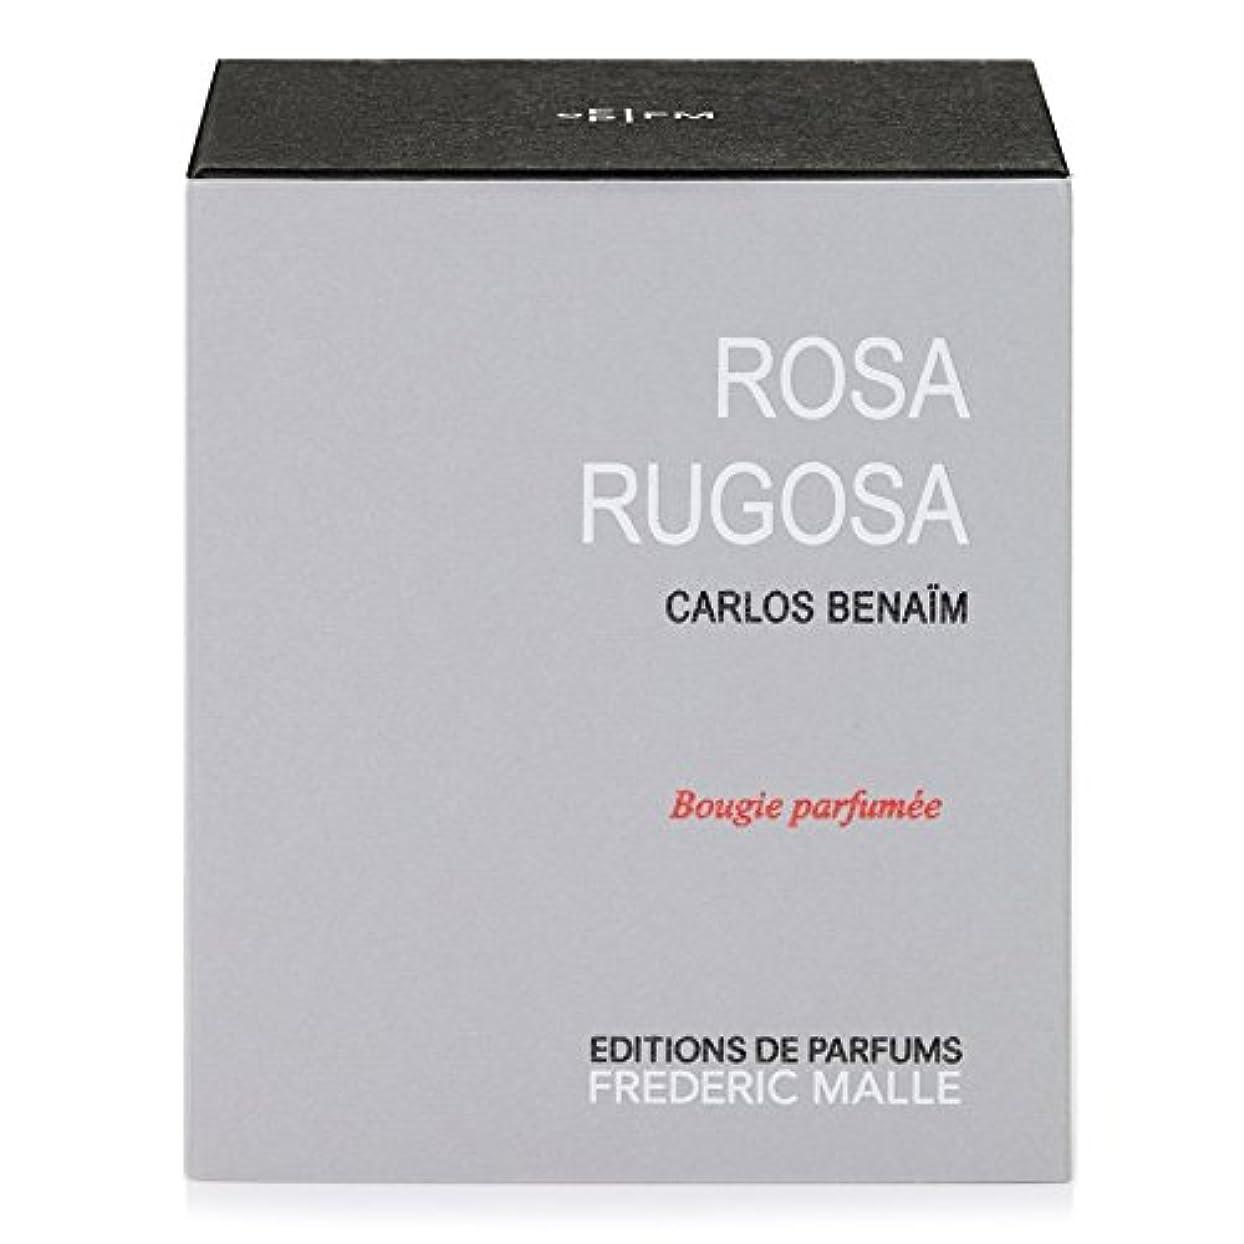 悪性腫瘍フロント集団的Frederic Malle Rosa Rugosa Scented Candle (Pack of 2) - フレデリック?マルハマナスの香りのキャンドル x2 [並行輸入品]